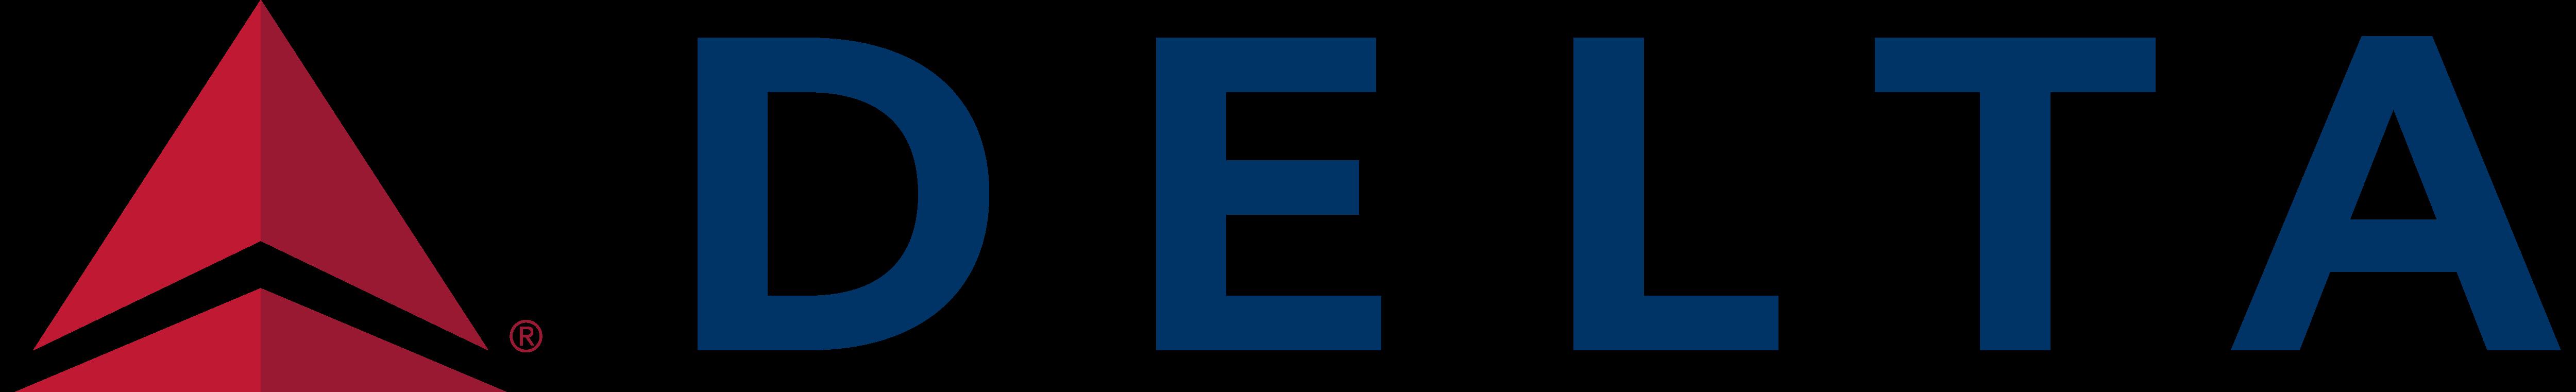 Télécharger photo delta airlines logo transparent png